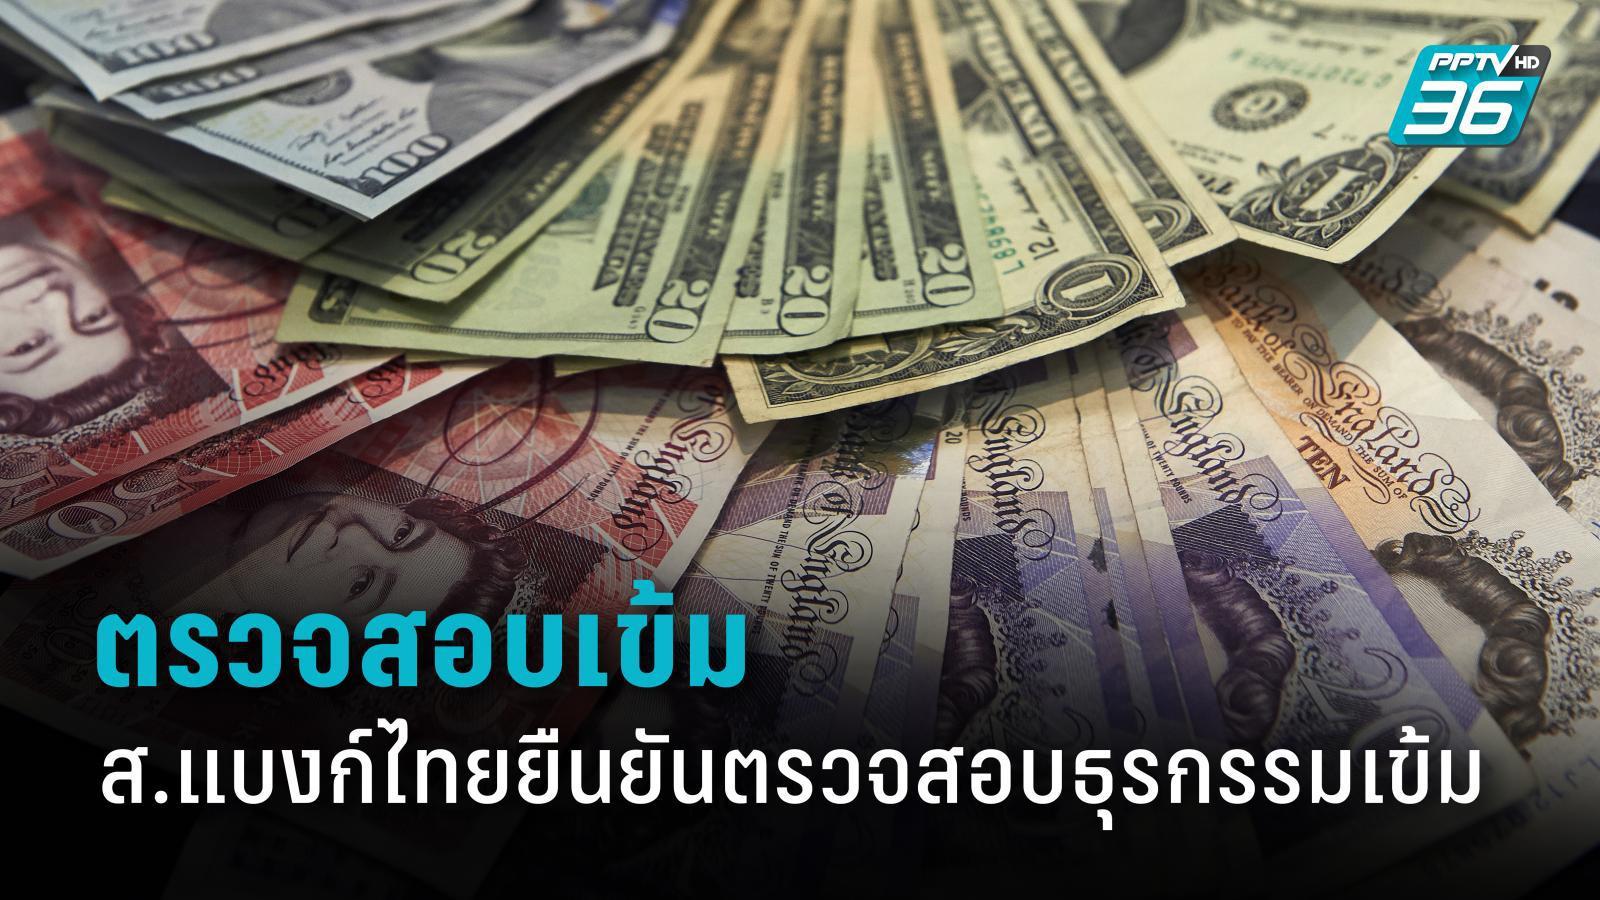 ส.ธนาคารไทย ย้ำ ทุกธนาคารปฏิบัติตาม ปปง.อย่างเคร่งครัด